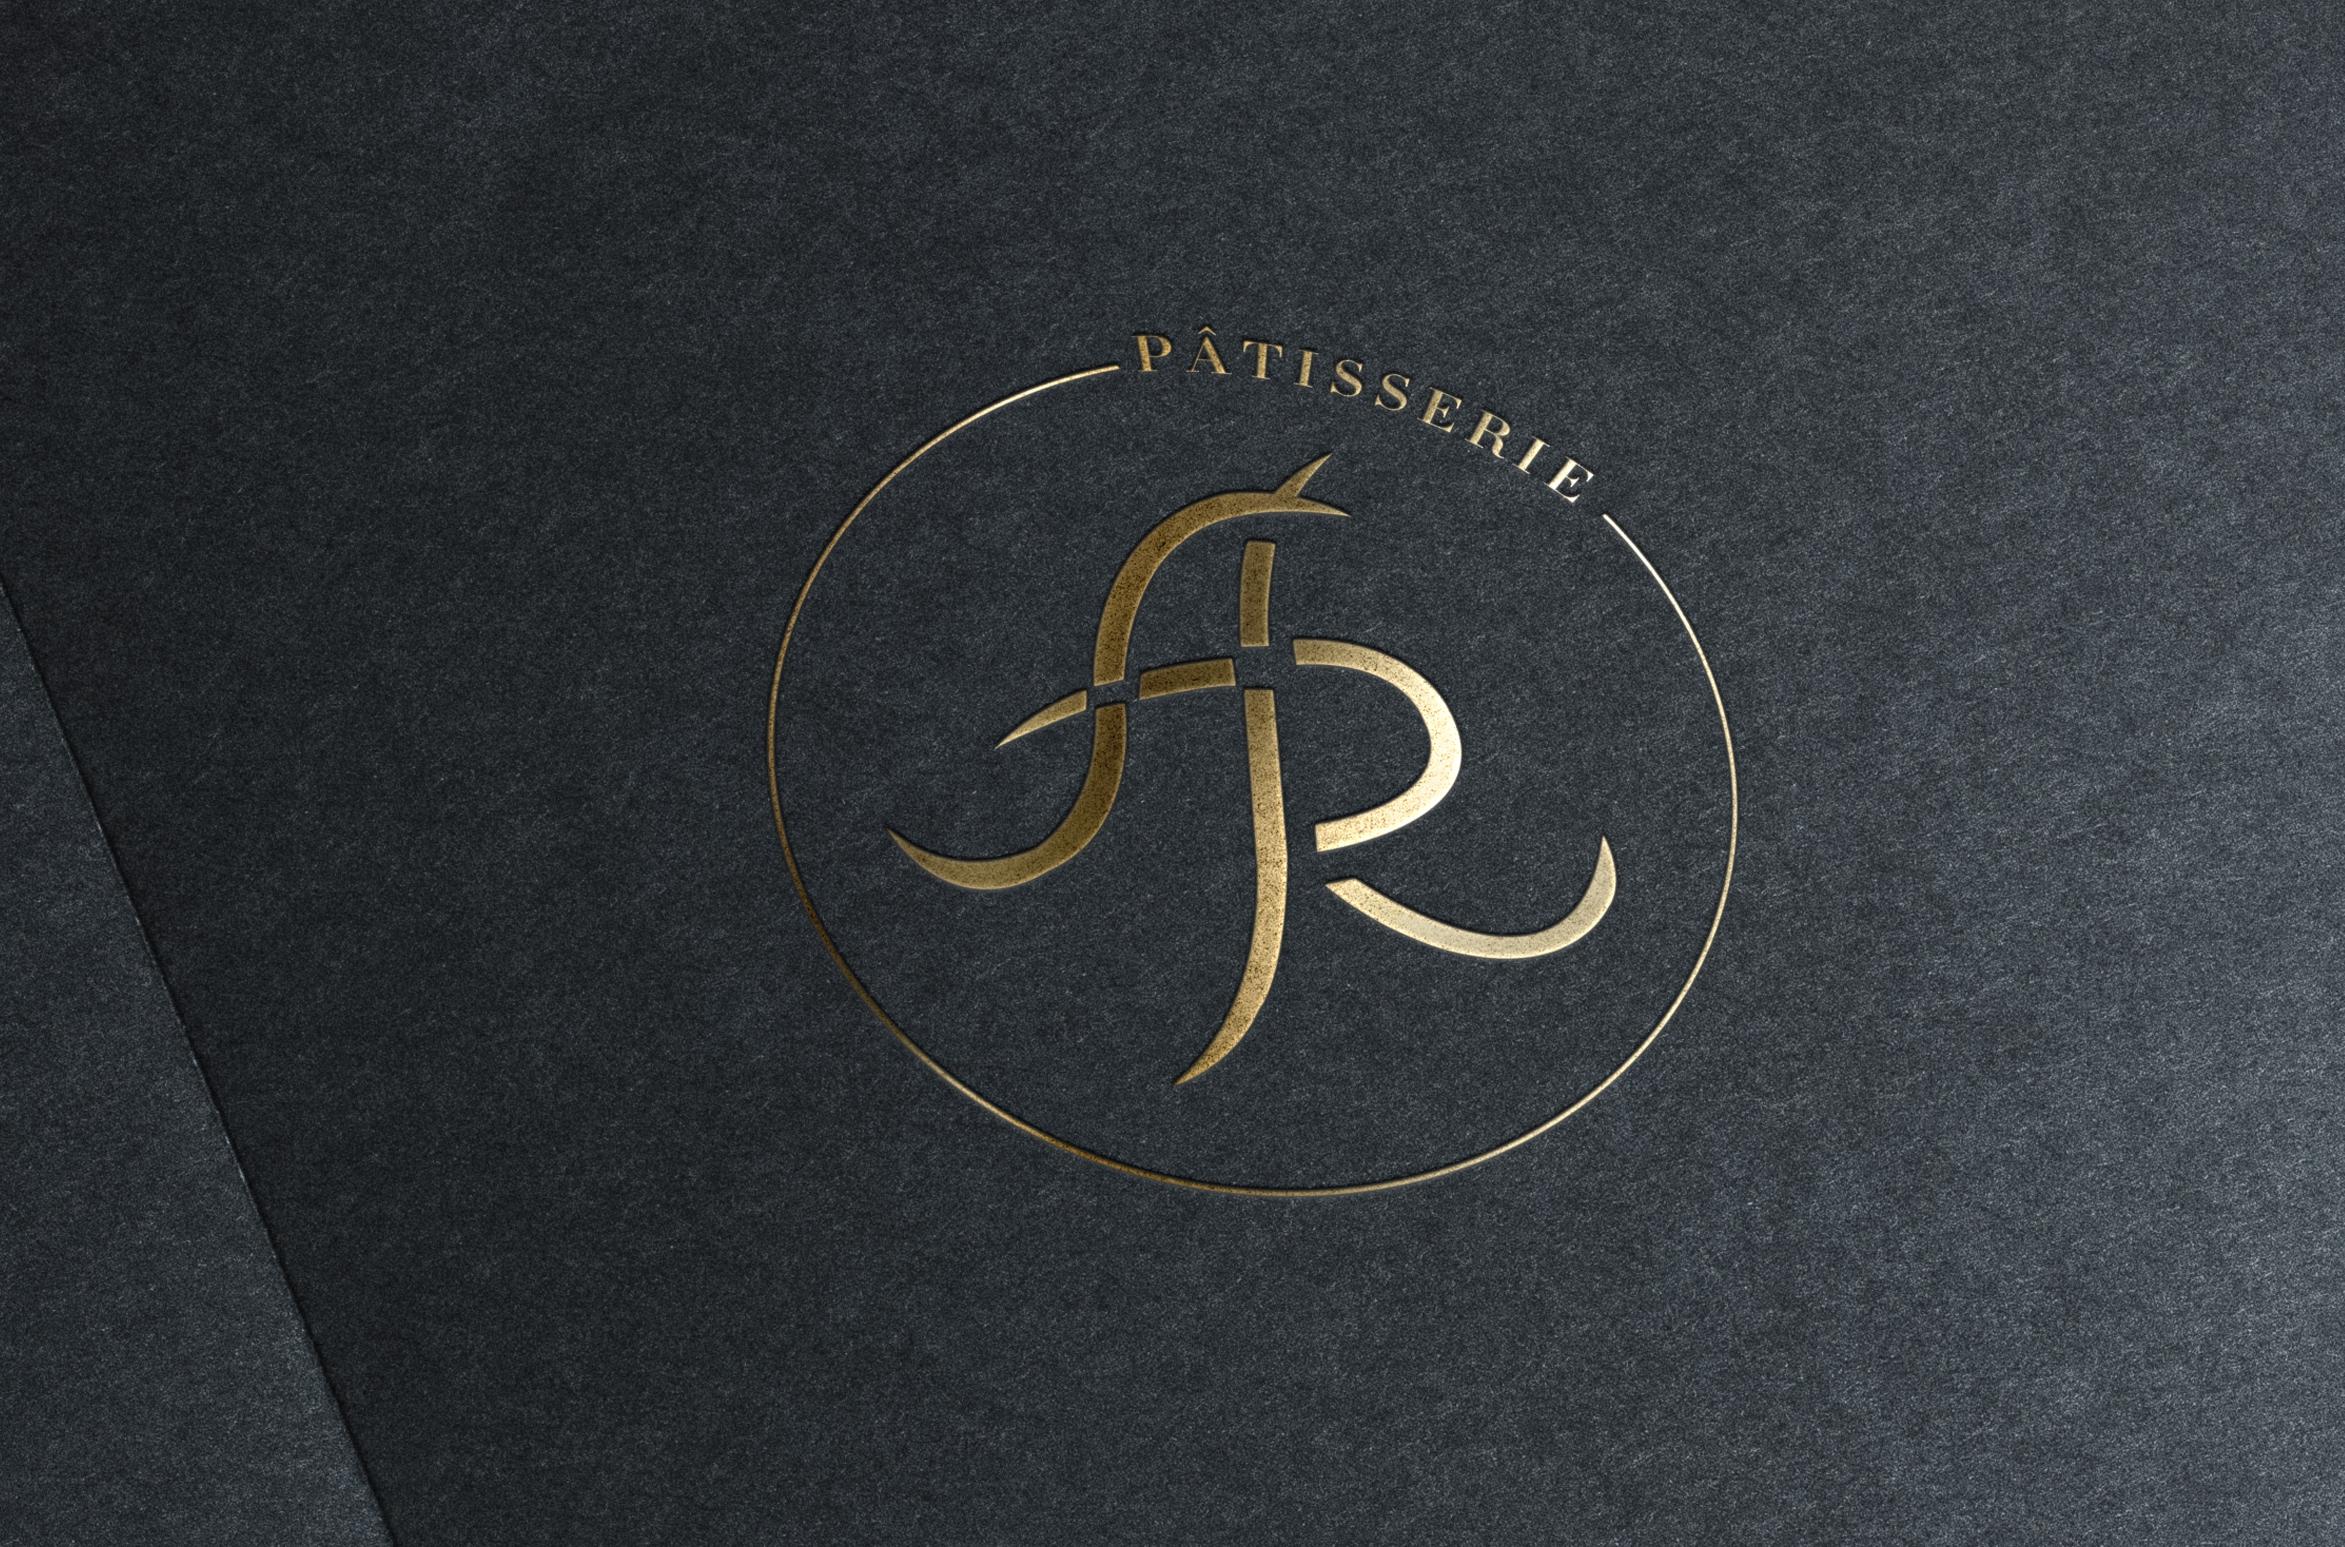 Présentation d'un logo pour un pâtissier - portfolio